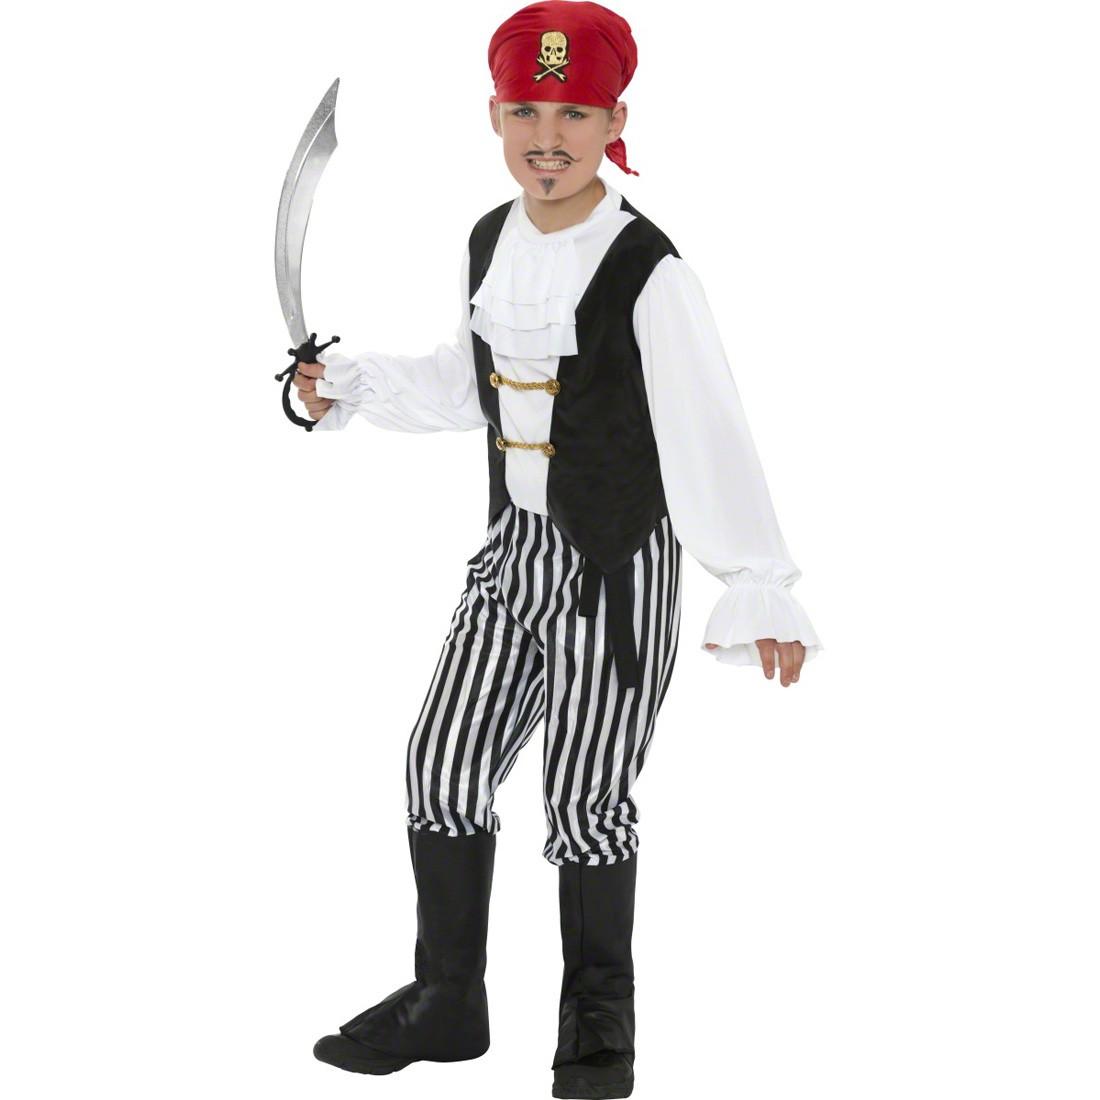 Kinder Kostum Pirat Piratenbekleidung Schwarz Weiss L 158 Cm